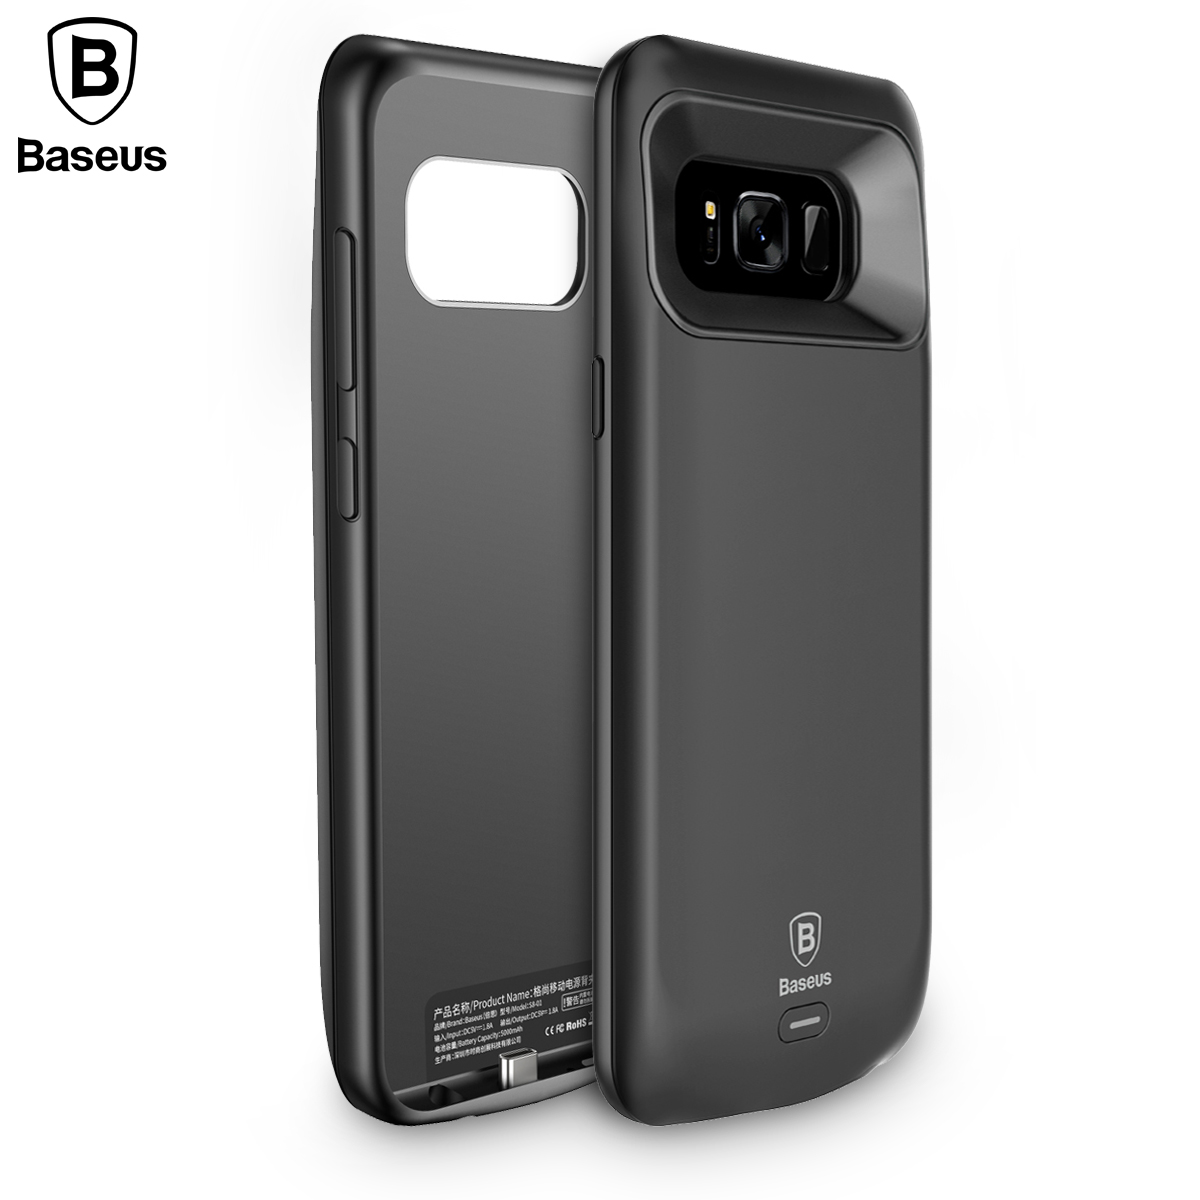 imágenes para De Baseus Caso Del Cargador de Batería Para Samsung Galaxy S8 Más 5000 mAh/5500 mAh Batería de Reserva Externa Banco de la Energía de Carga Caso de la cubierta